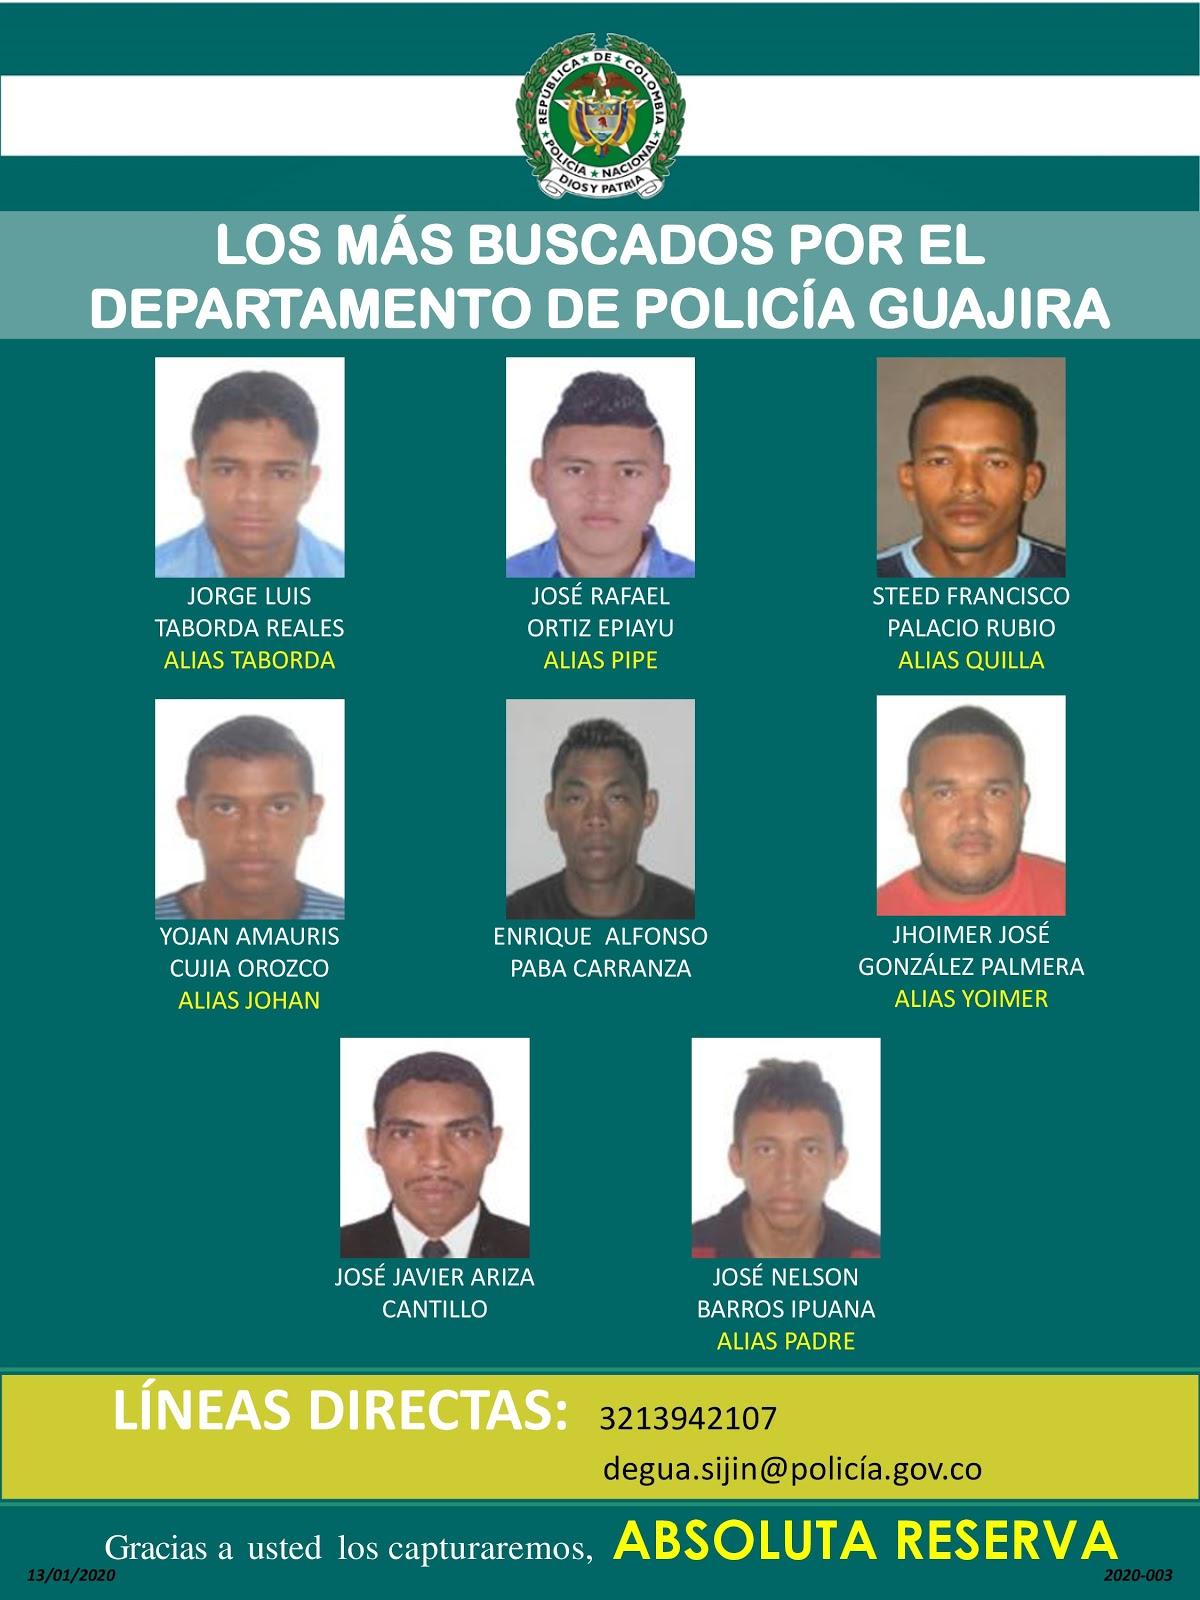 Estos son los más buscados en La Guajira